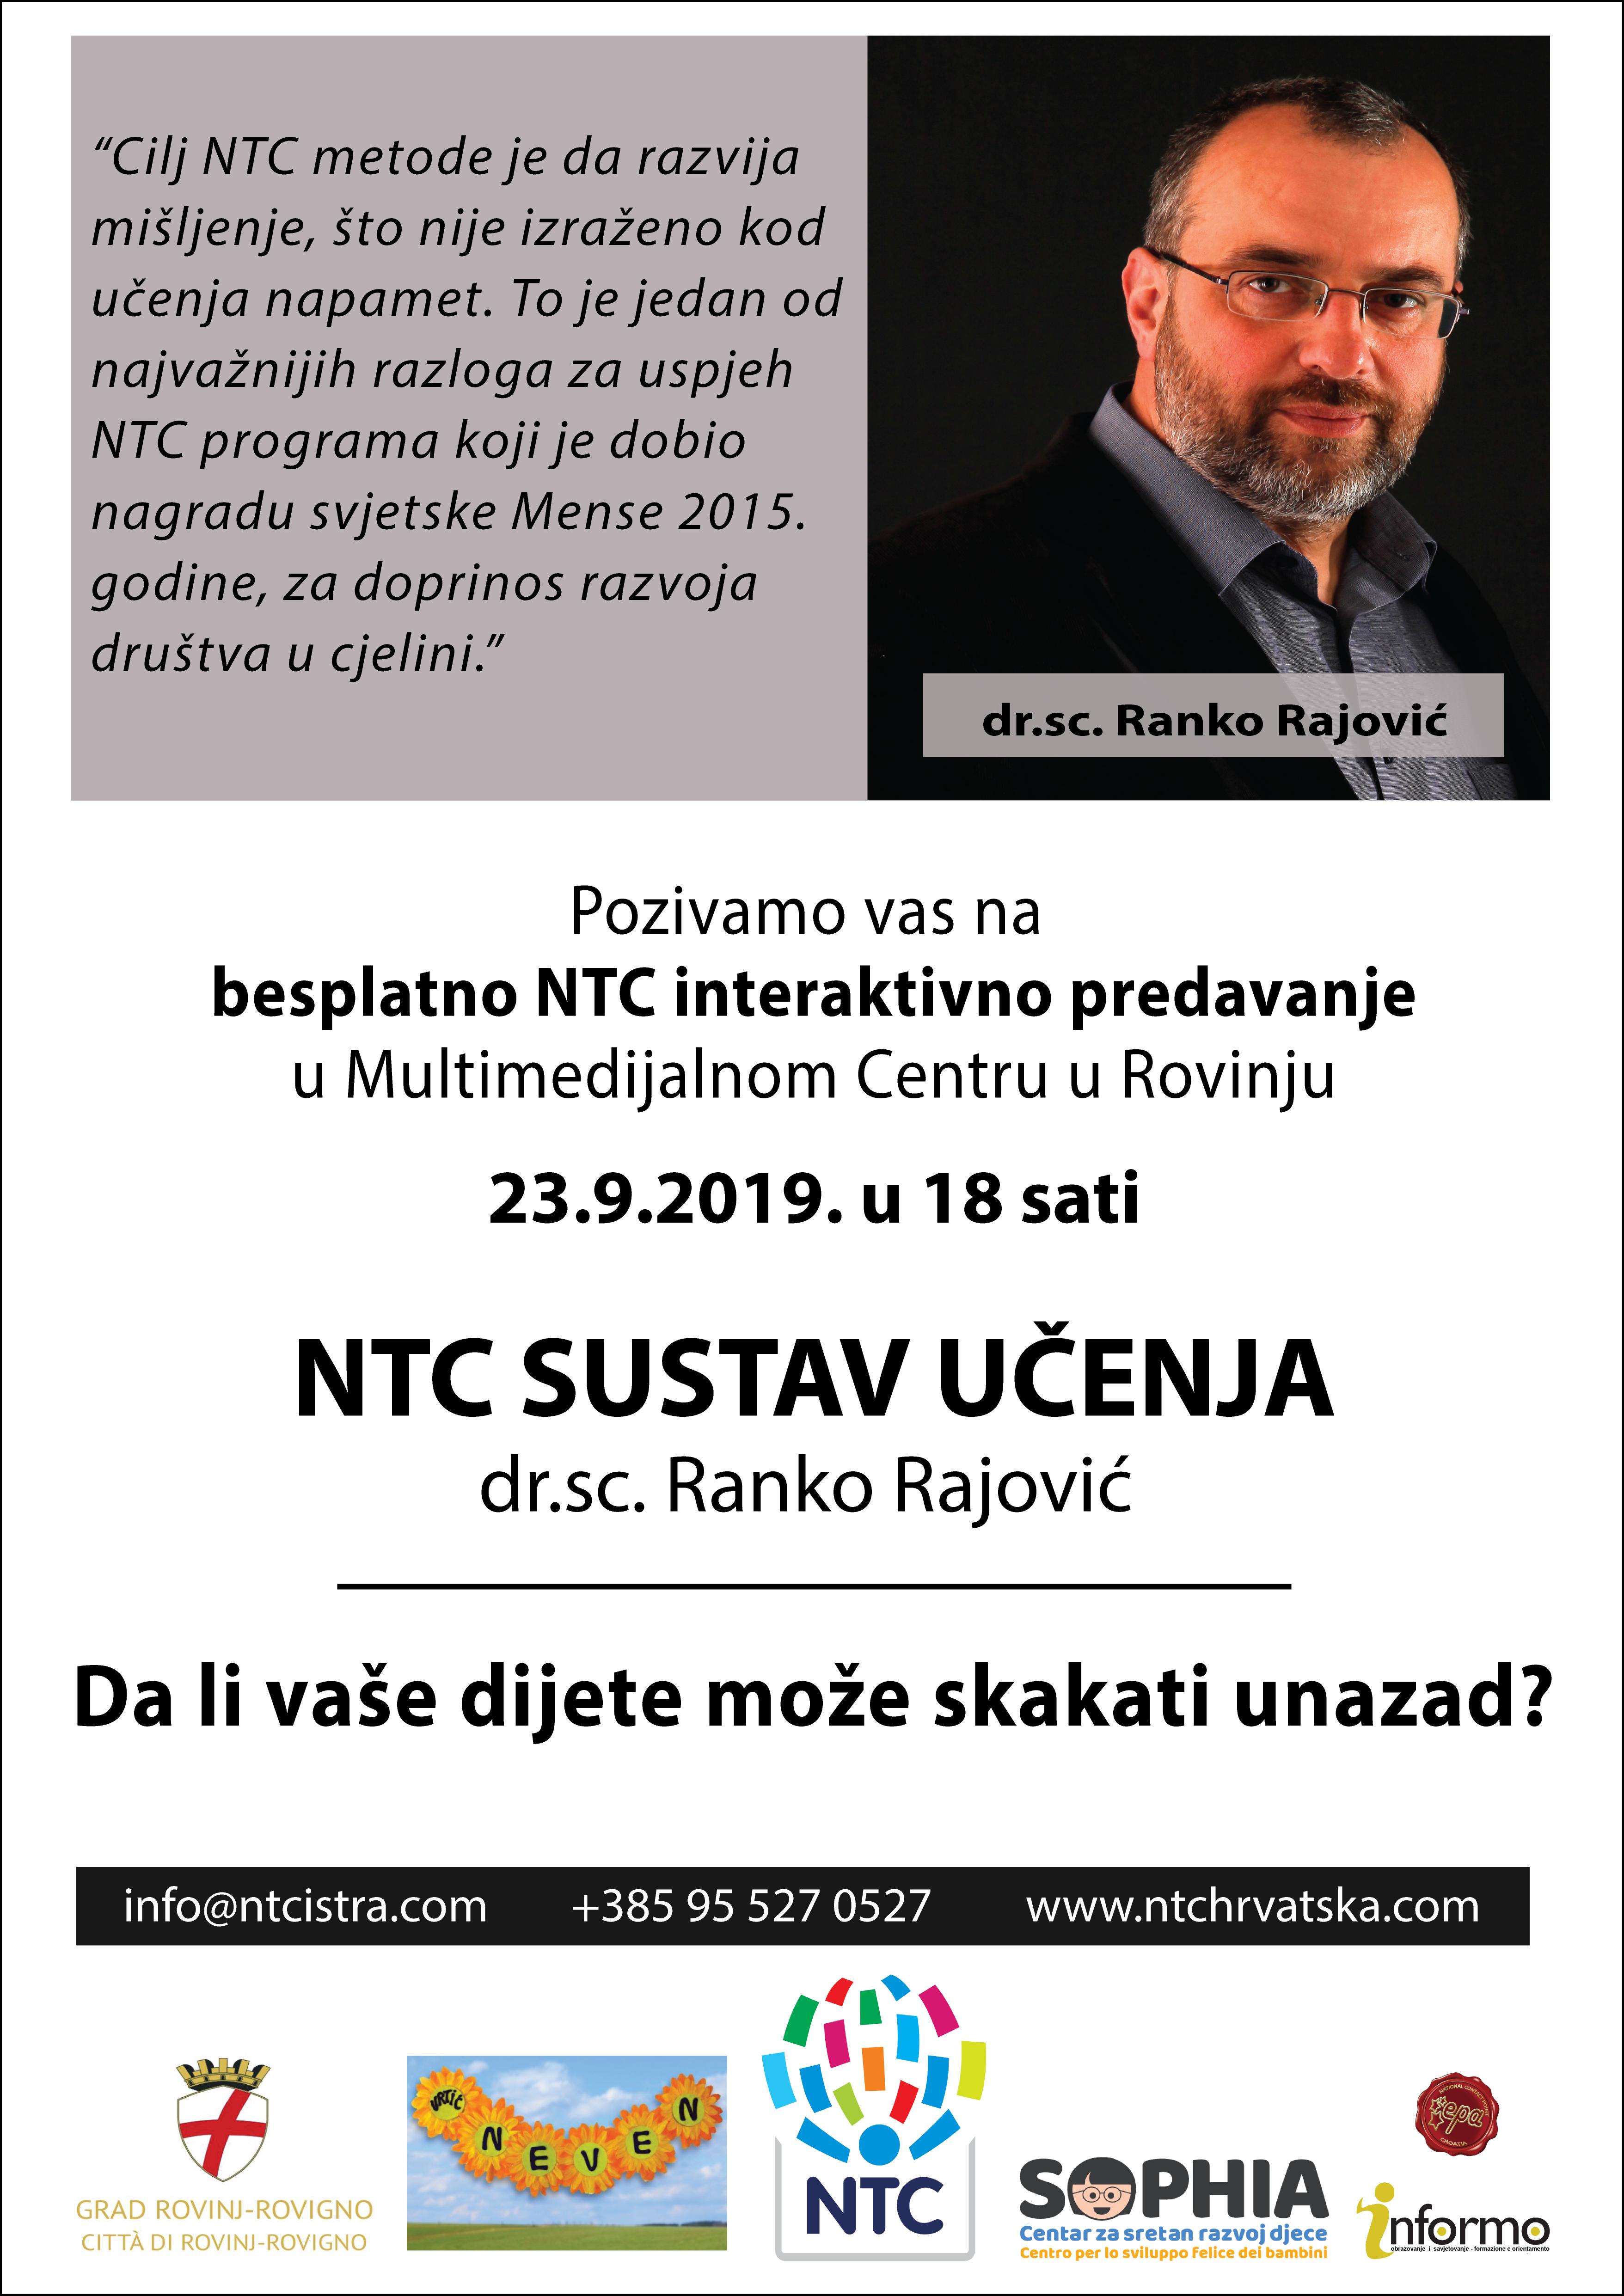 Invito – conferenza interattiva gratuita NTC